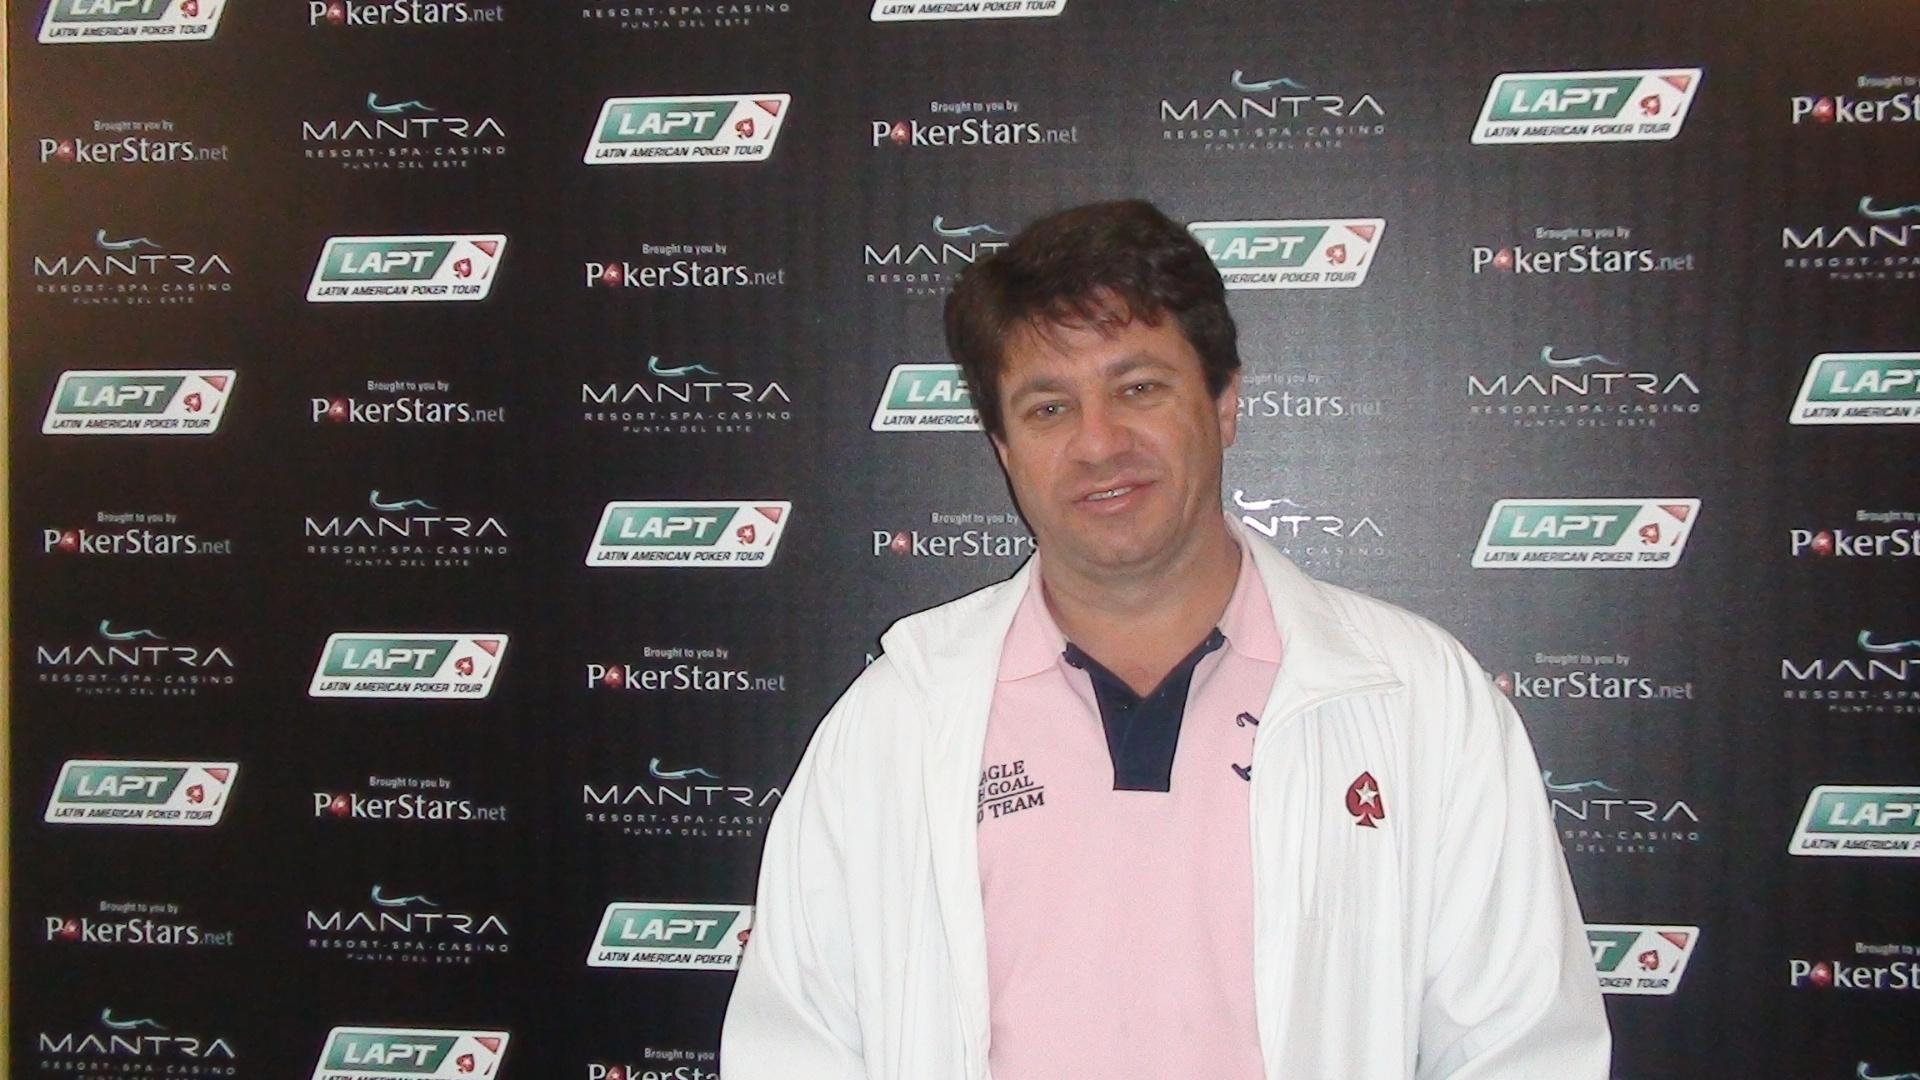 Márcio Carraro gastou 33 dólares para entrar no evento de pôquer com Neymar